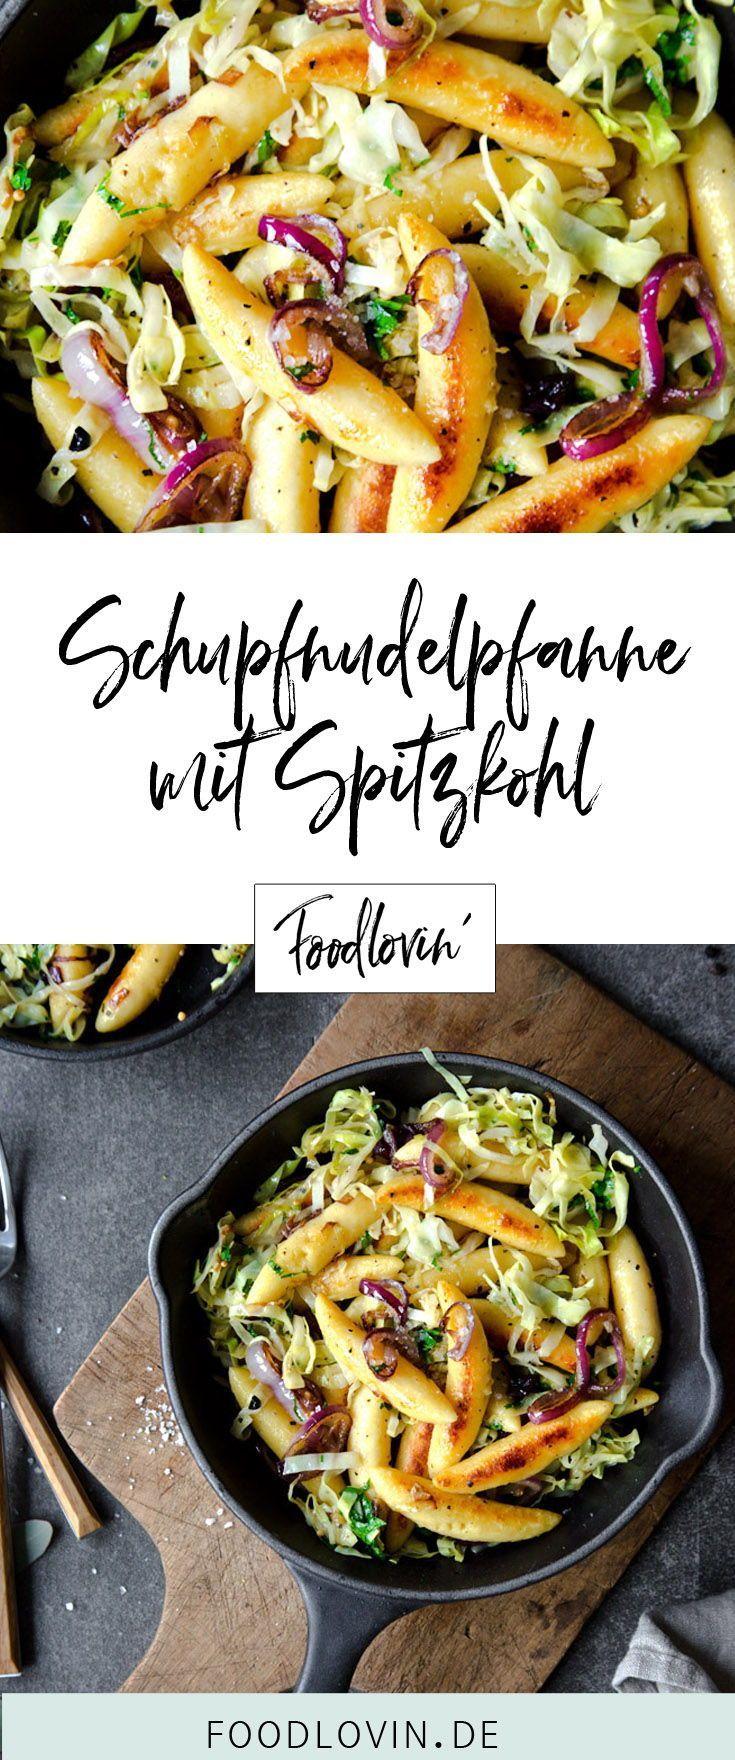 Schupfnudelpfanne mit Spitzkohl. #vejetaryentarifleri